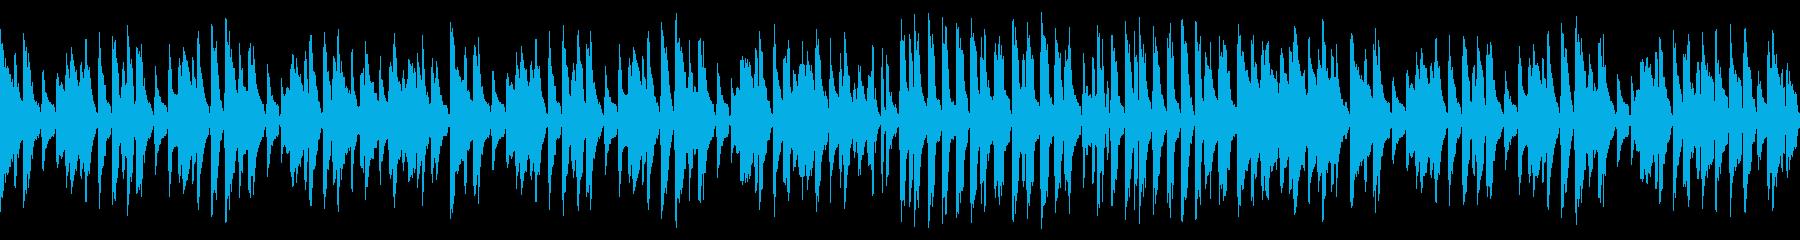 気軽でウキウキお洒落ジャズピアノ(ループの再生済みの波形